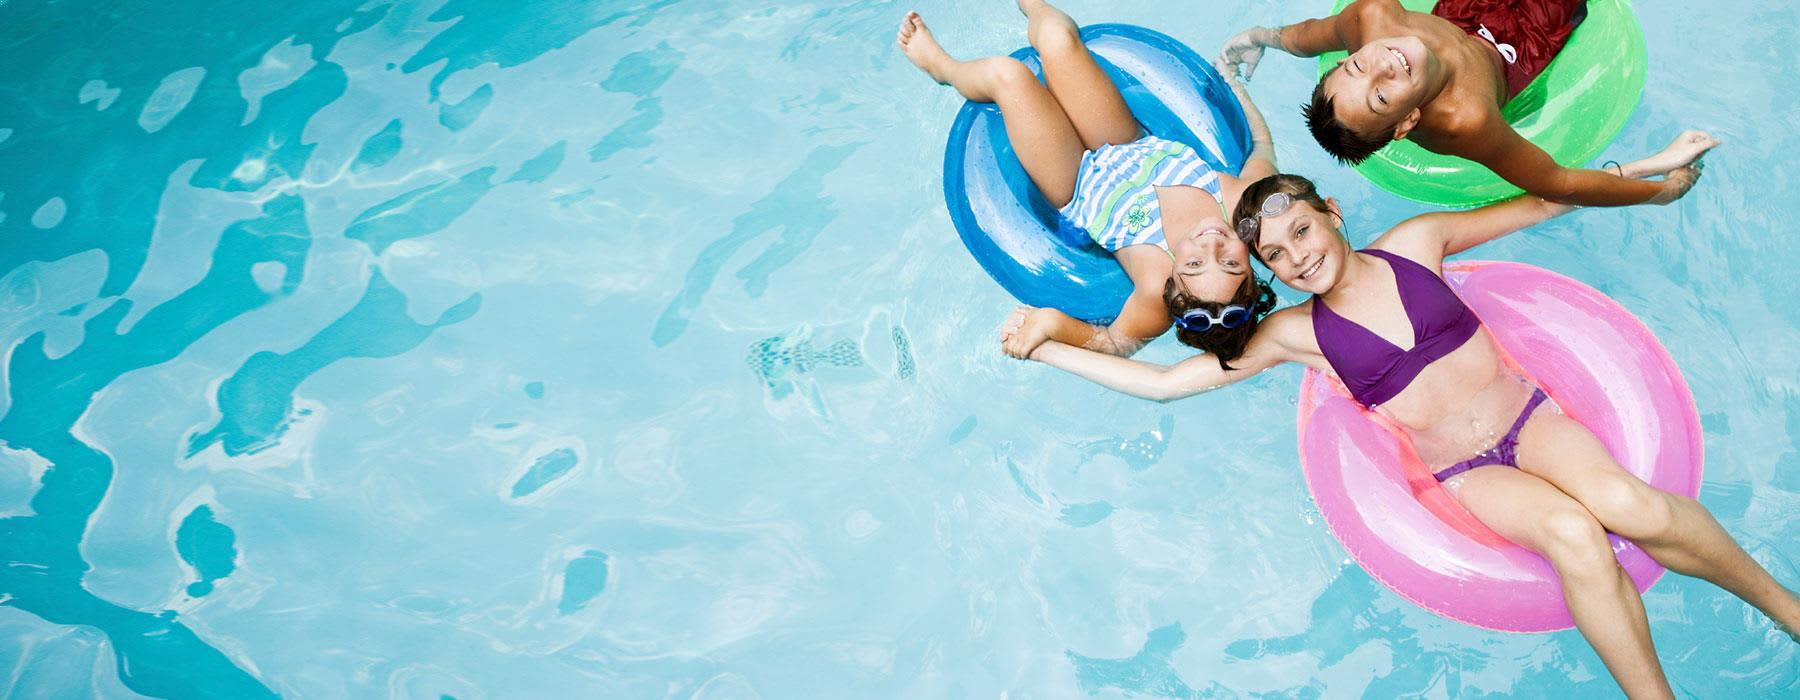 Outdoor Pool and Hot Tub at Costa Mesa Hotel